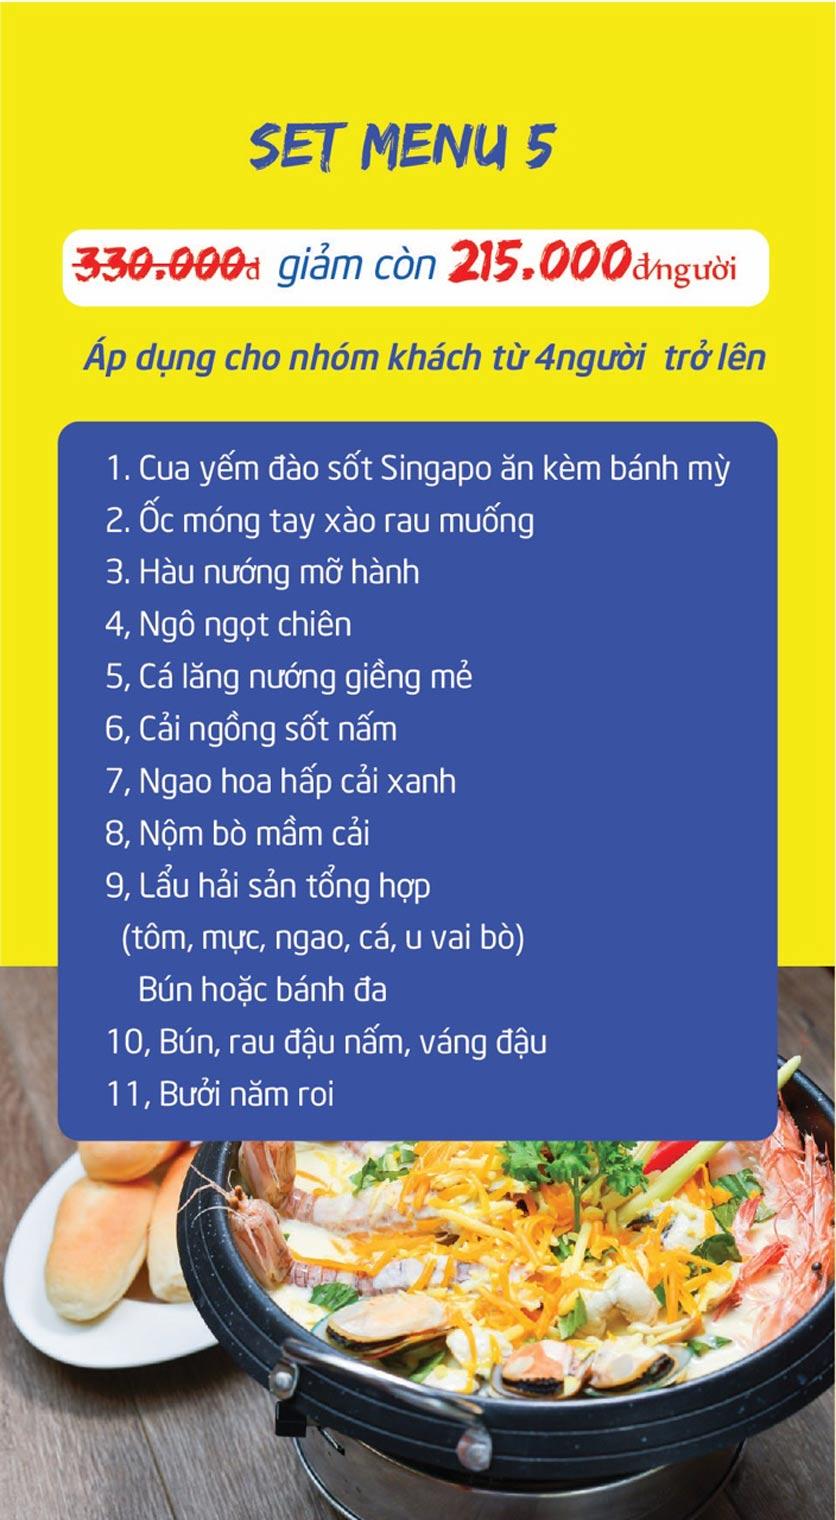 Menu Chợ Hải Sản Thiên Phú - KĐT Văn Phú 12